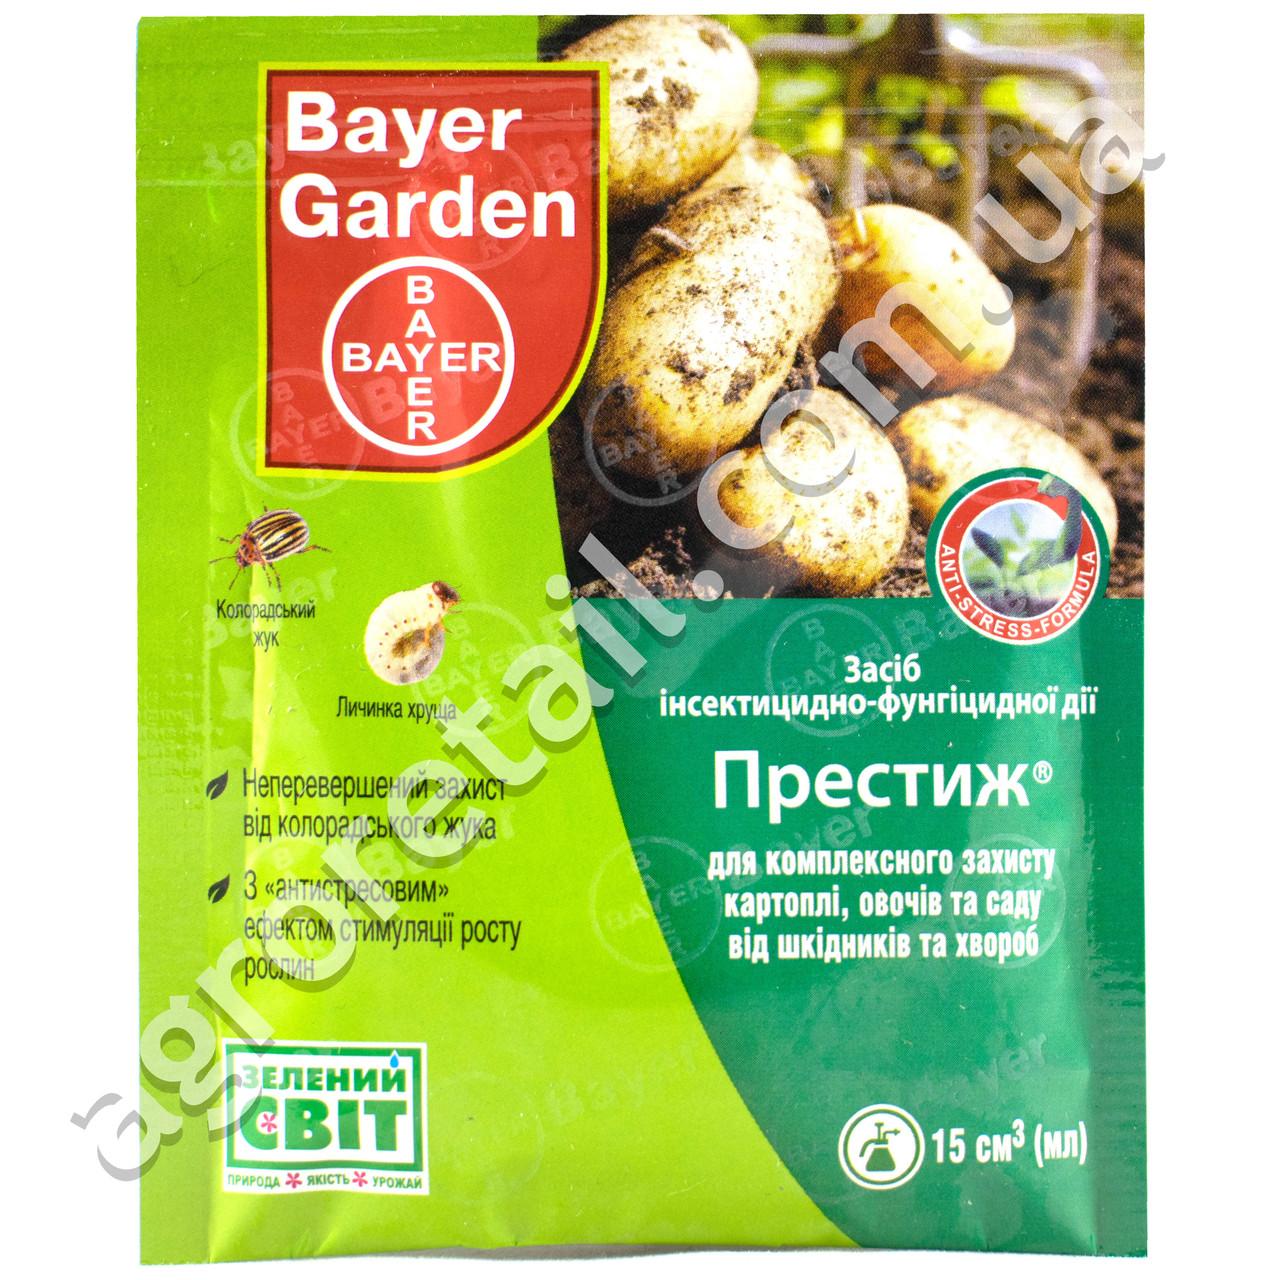 Протравитель Престиж 290 FS т.к.с 20 мл Bayer Garden